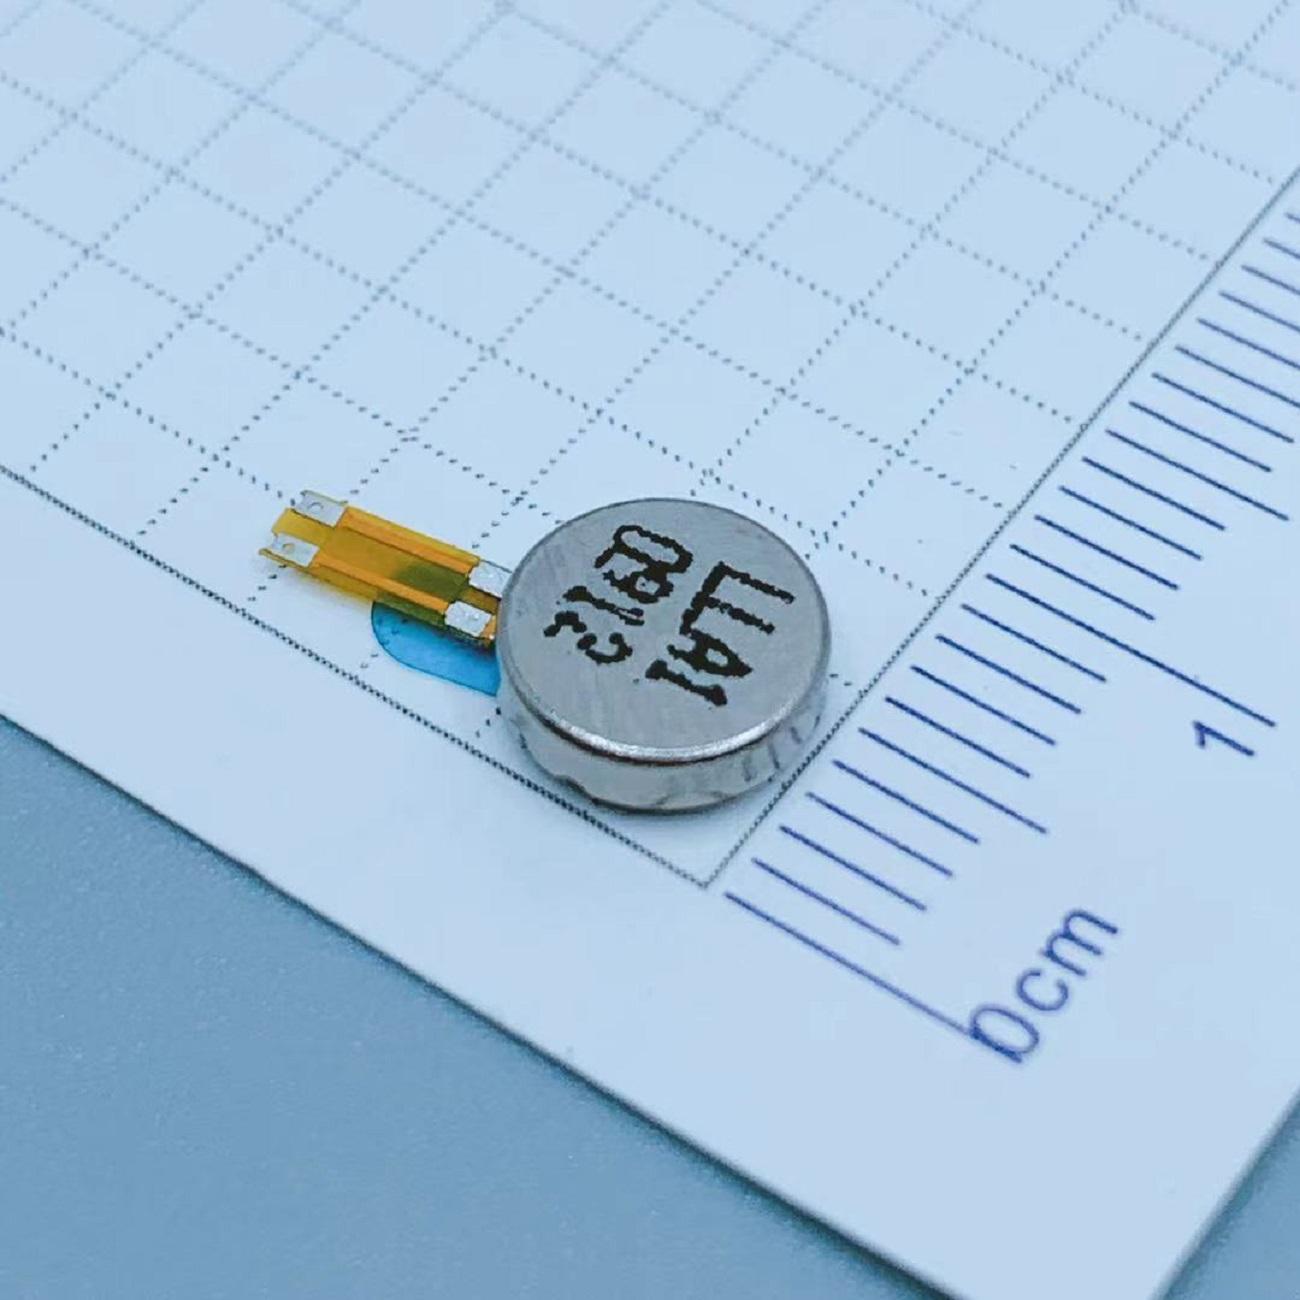 3V 8mm platt vibrerande mini elmotor F-PCB 0820